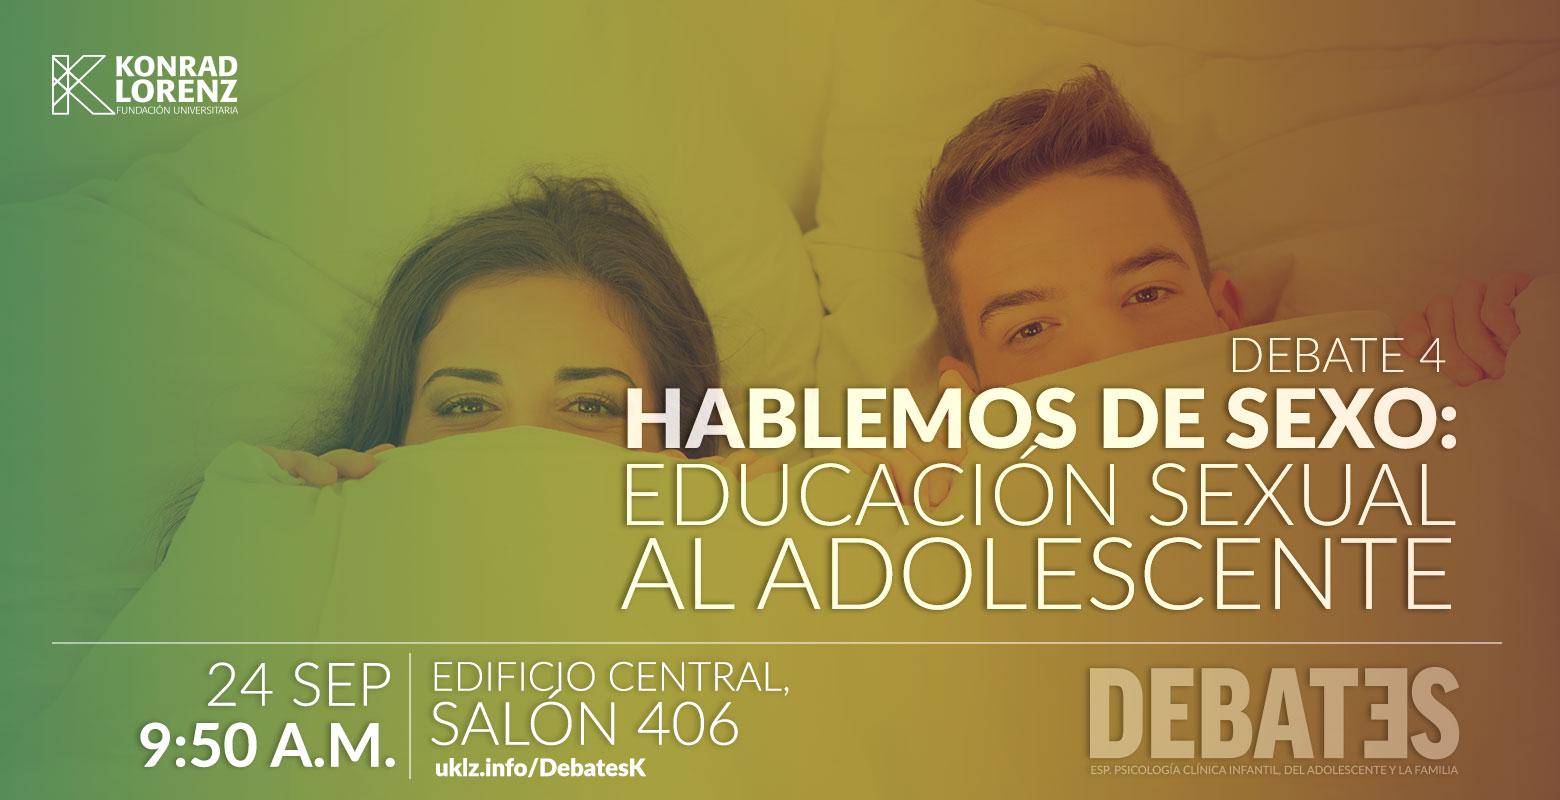 Debate: Hablemos de sexo: educación sexual al adolescente